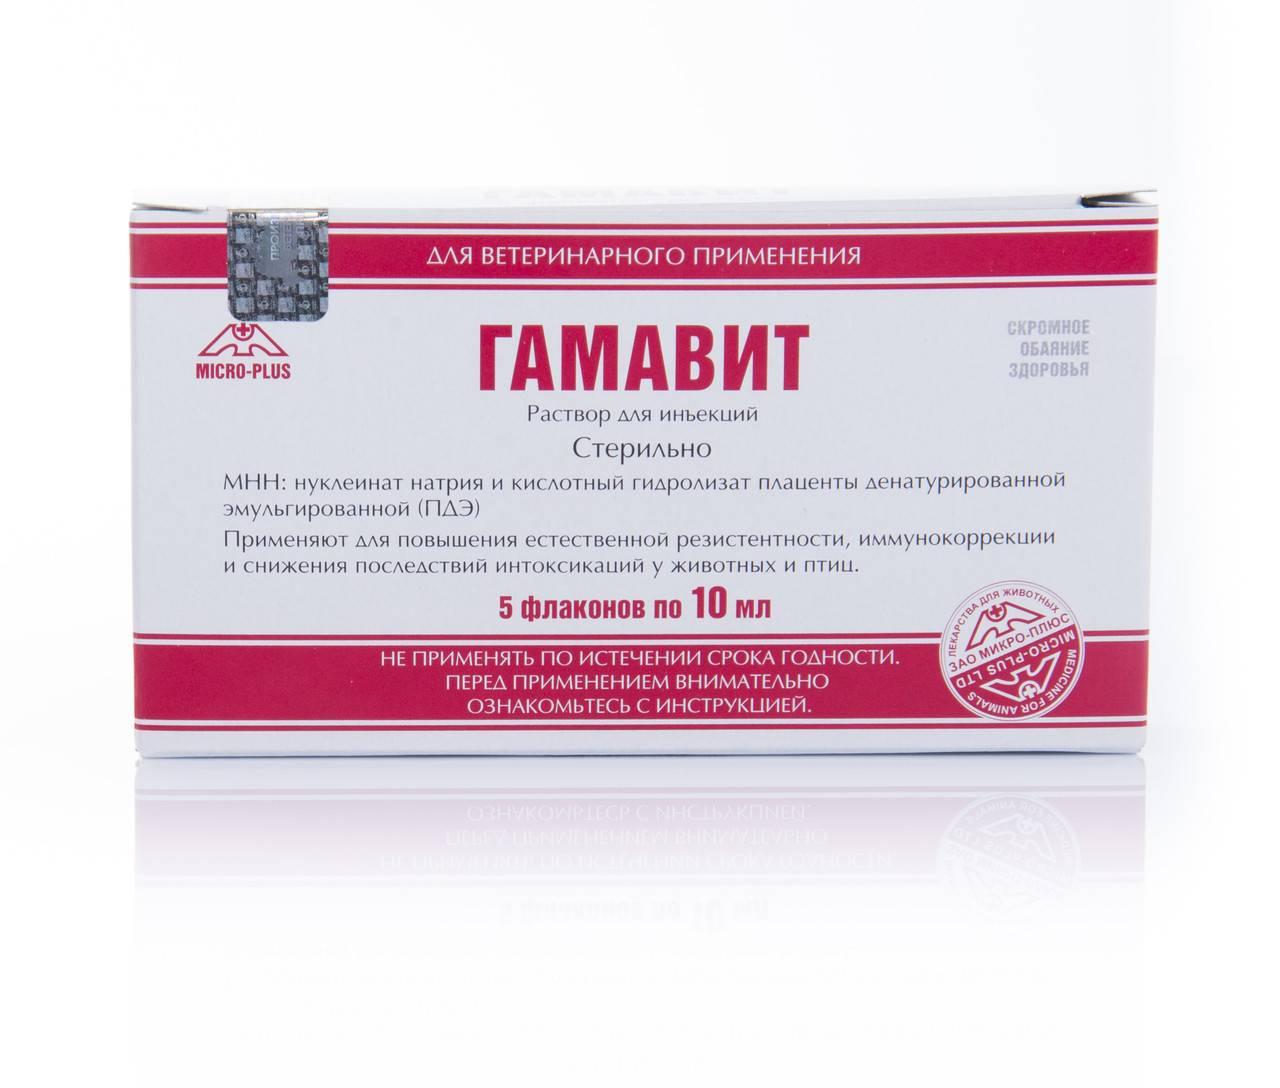 Гамавит 100 мл - купить, цена и аналоги, инструкция по применению, отзывы в интернет ветаптеке добропесик